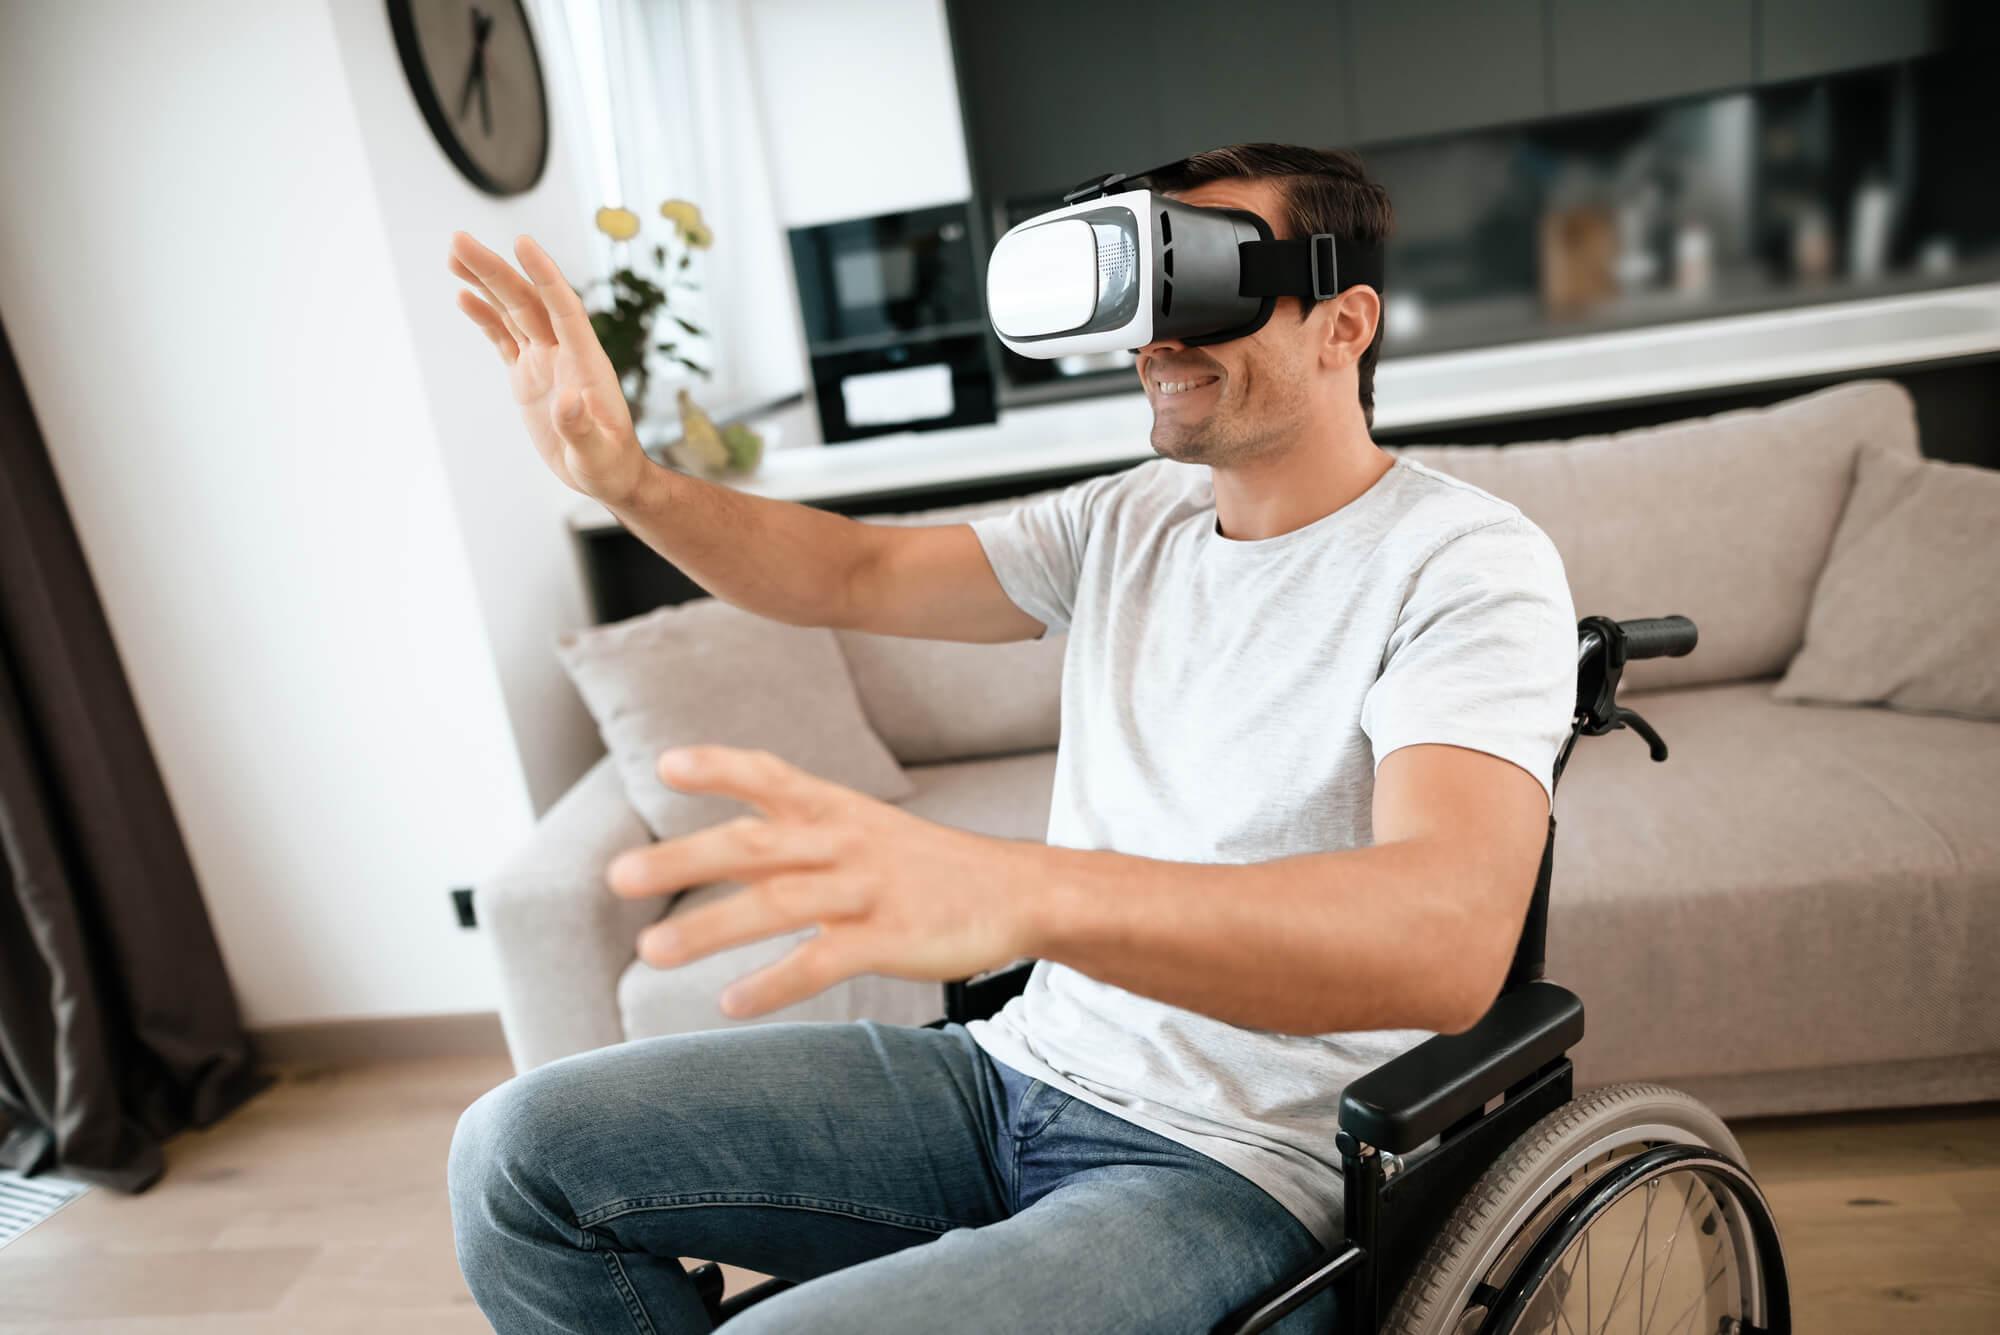 Tecnologia na reabilitação de pacientes: qual sua importância?